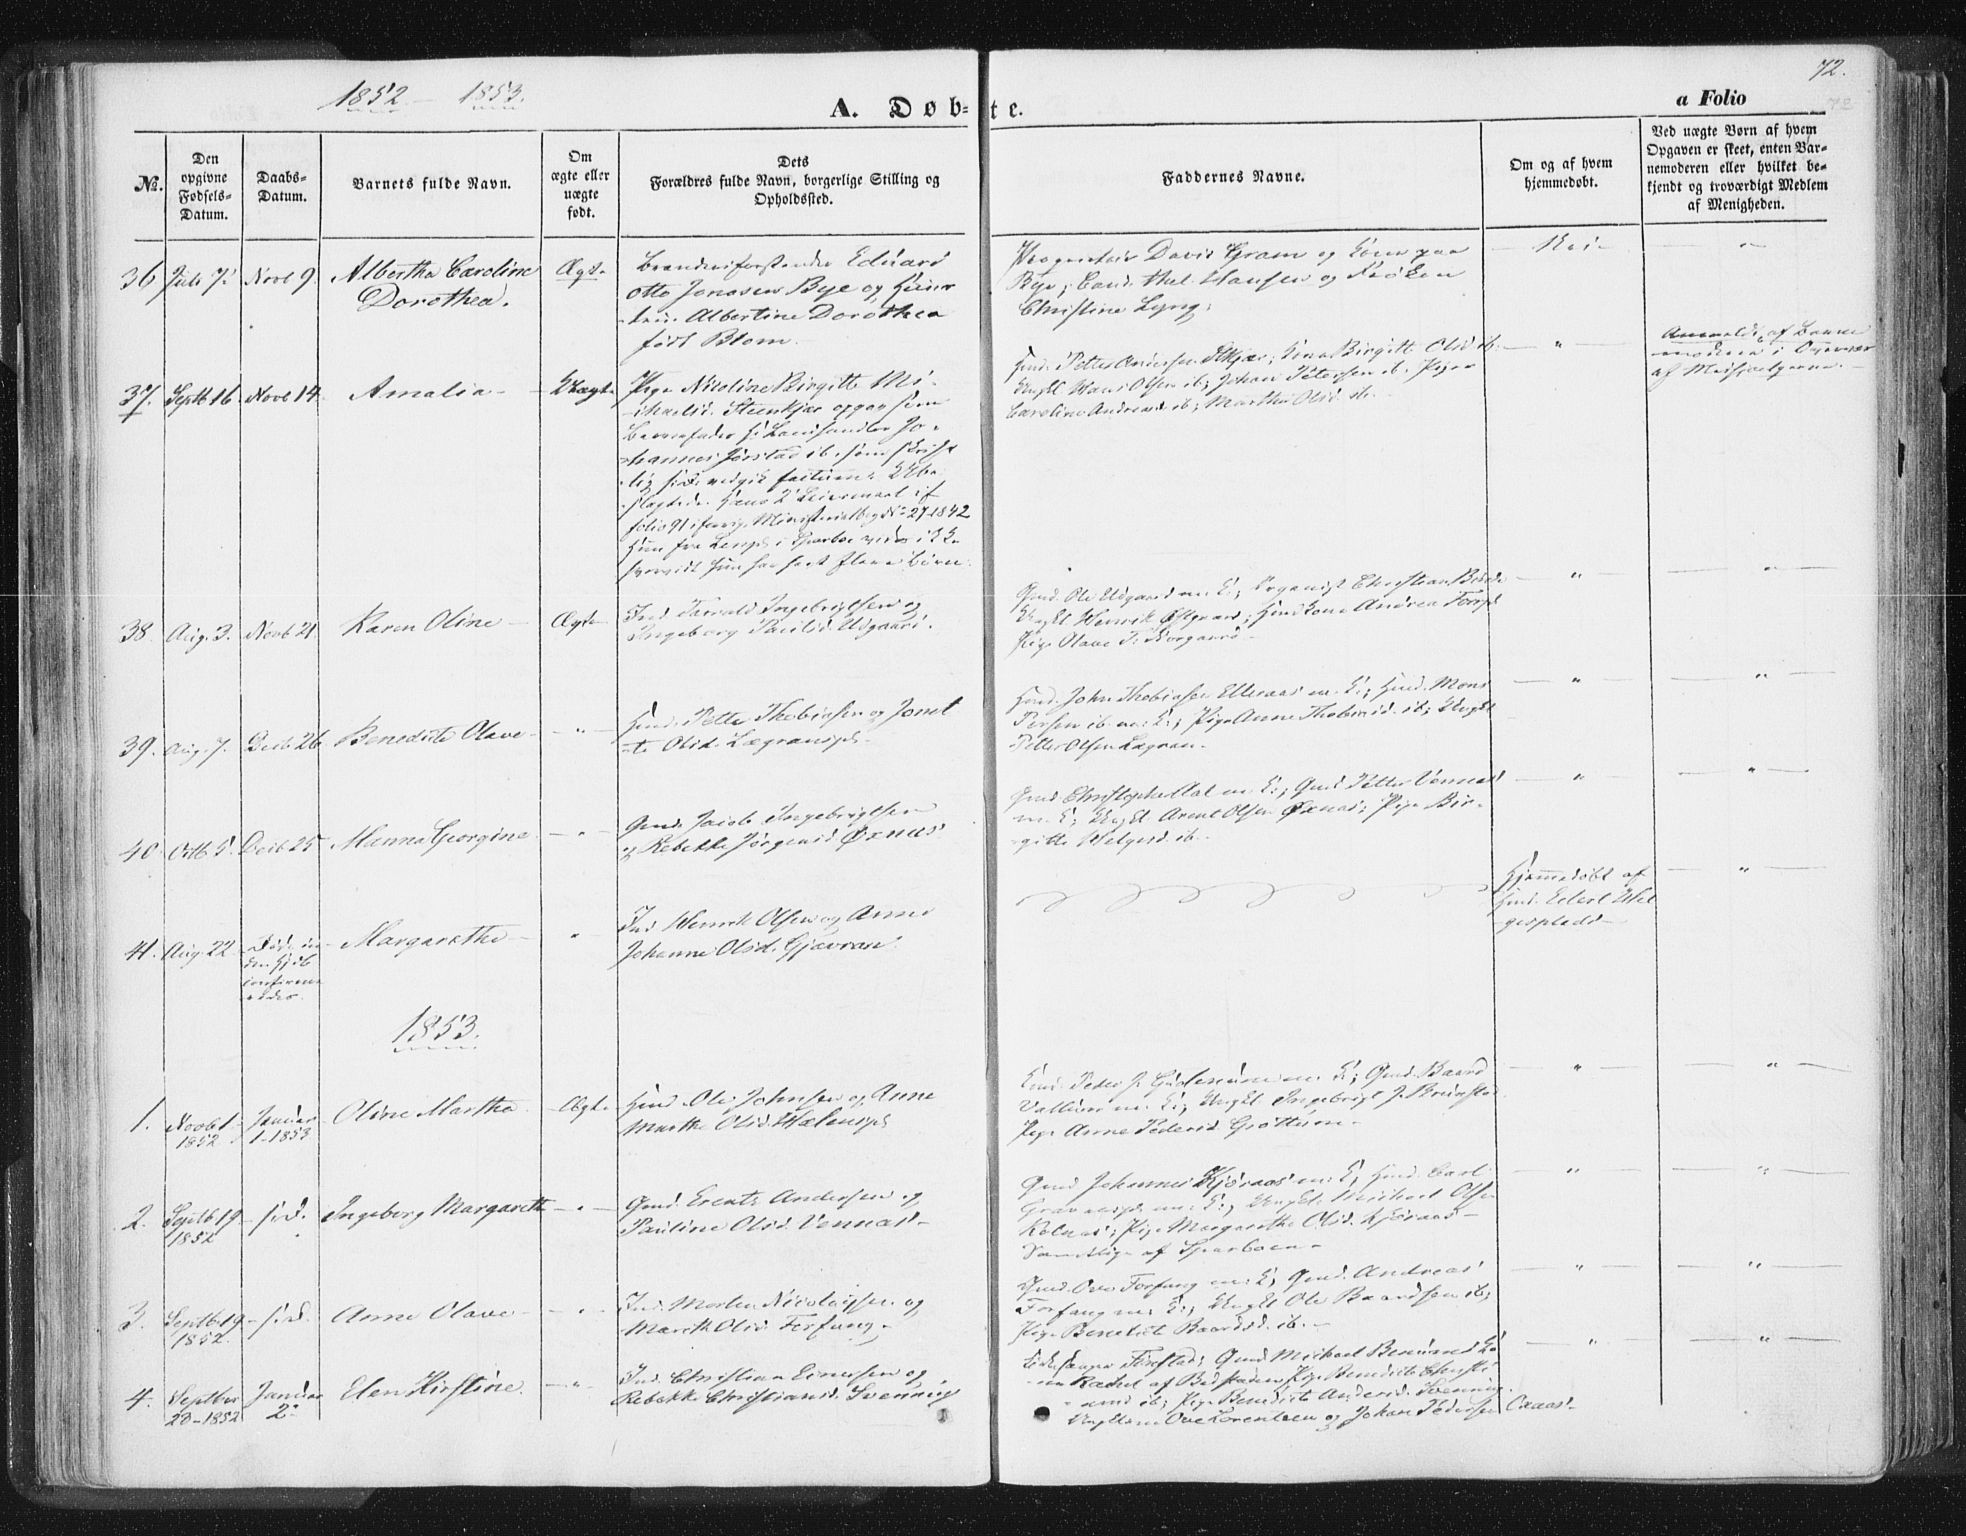 SAT, Ministerialprotokoller, klokkerbøker og fødselsregistre - Nord-Trøndelag, 746/L0446: Ministerialbok nr. 746A05, 1846-1859, s. 72